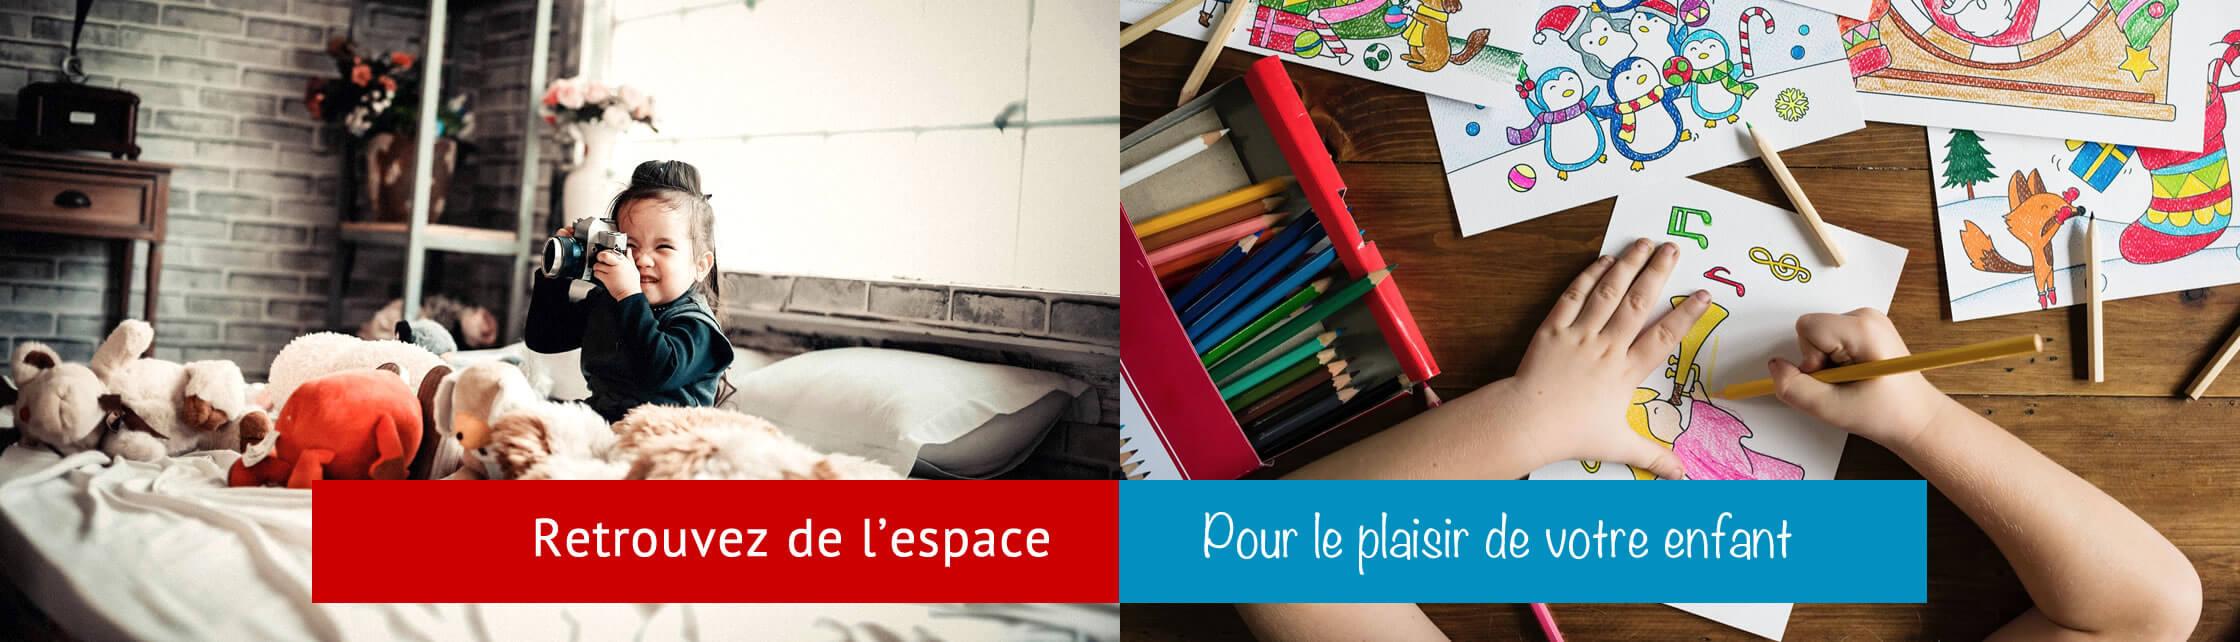 Retrouvez de l'espace pour le plaisir de votre enfant